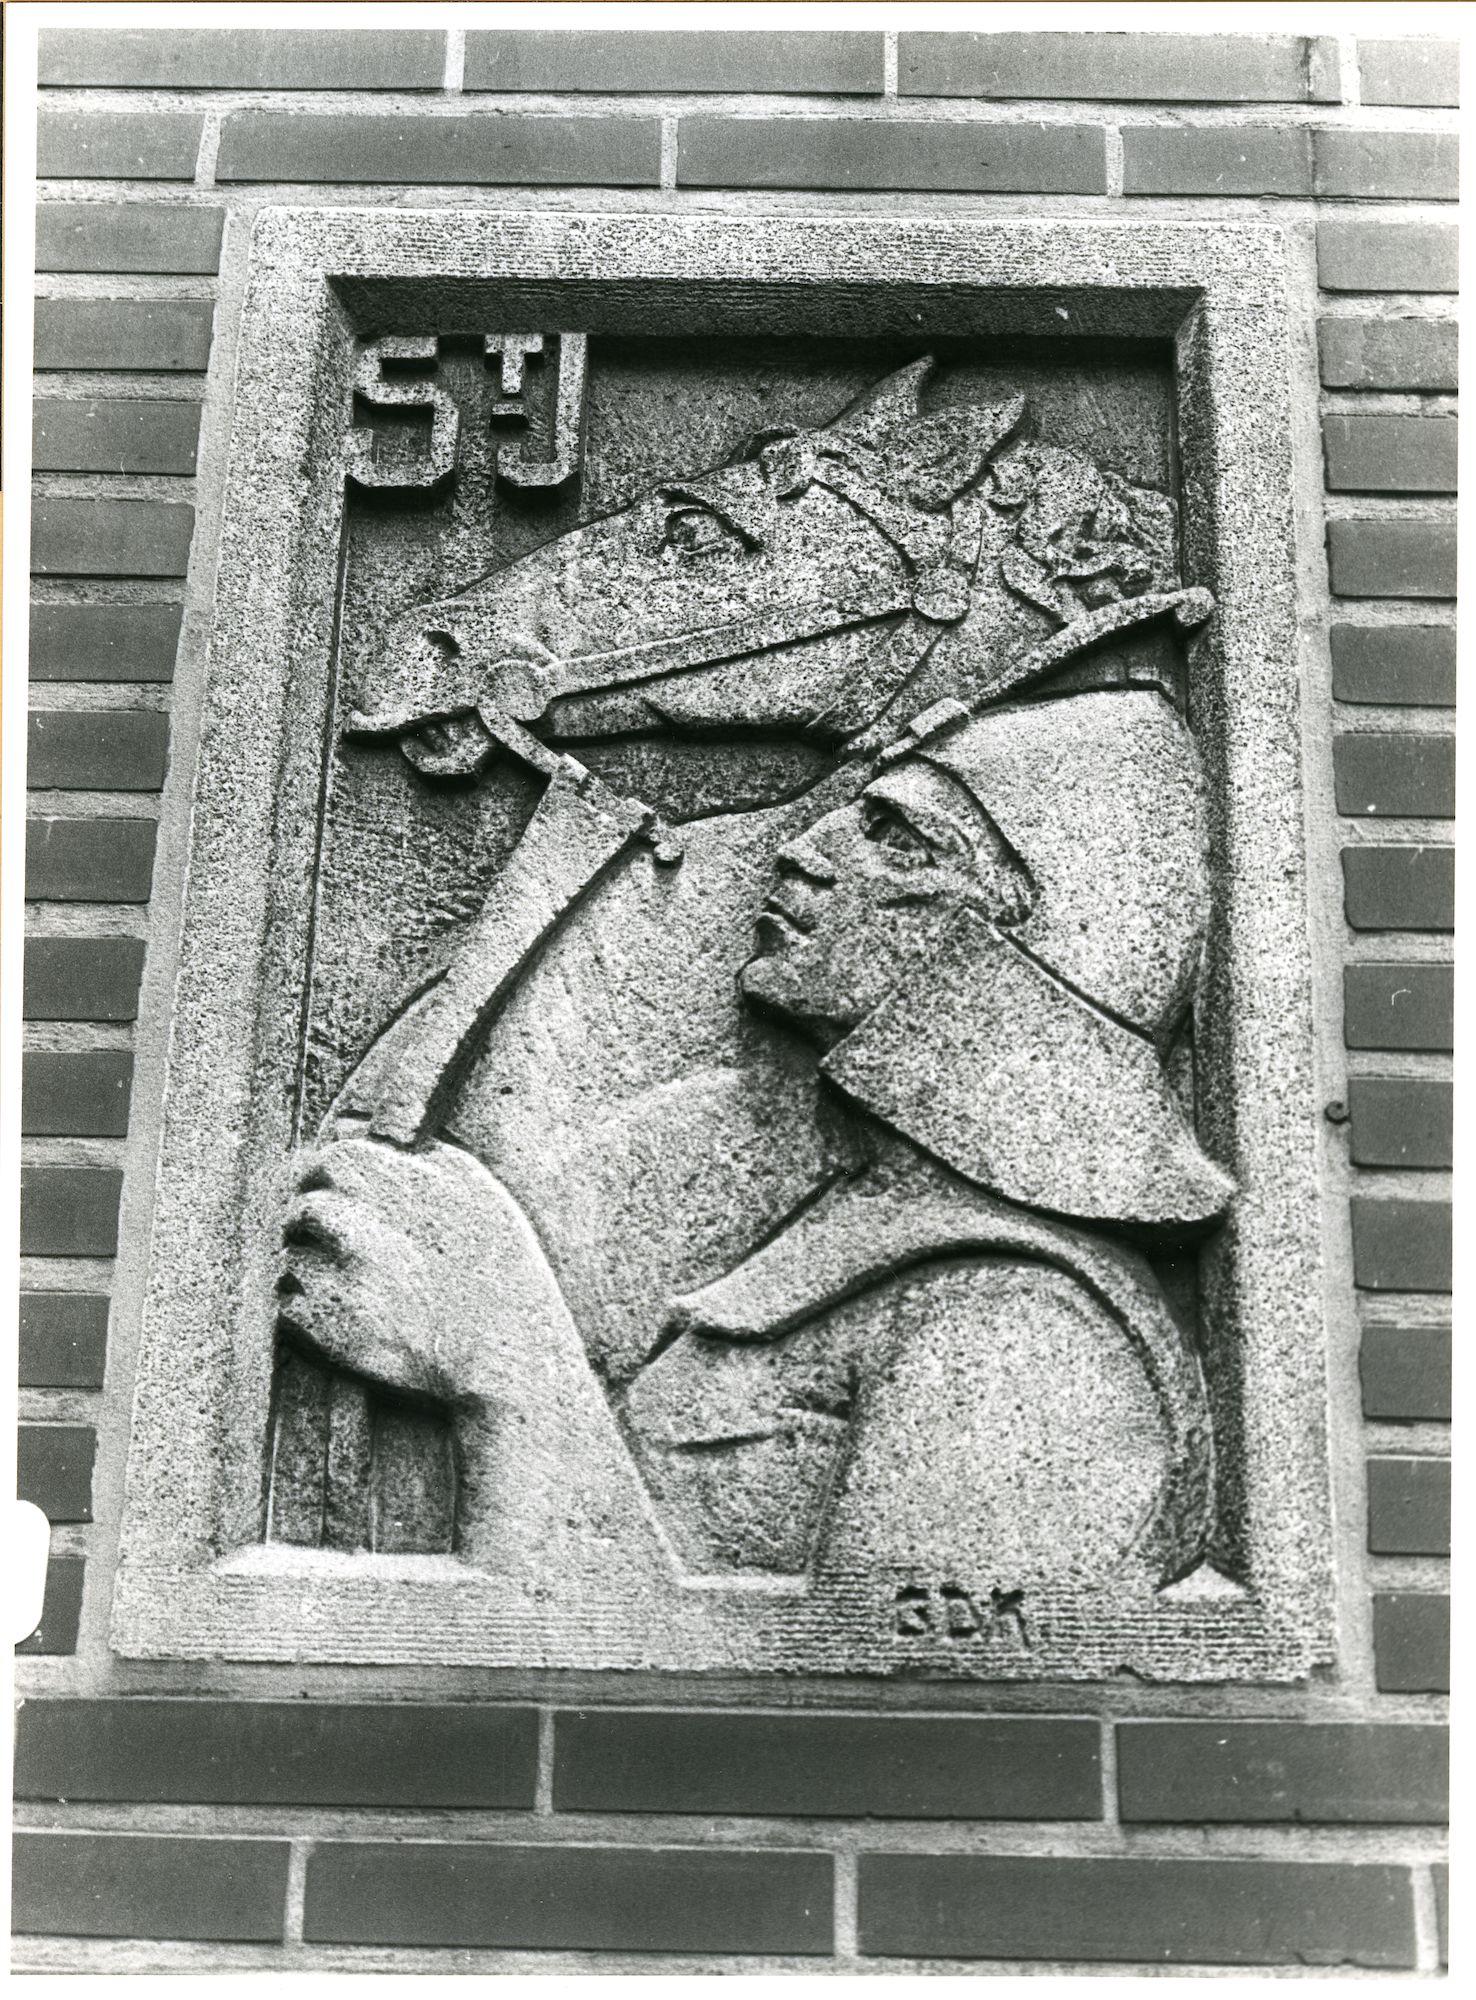 Mariakerke: Spellewerkstraat 11: Beeldhouwwerk, 1979